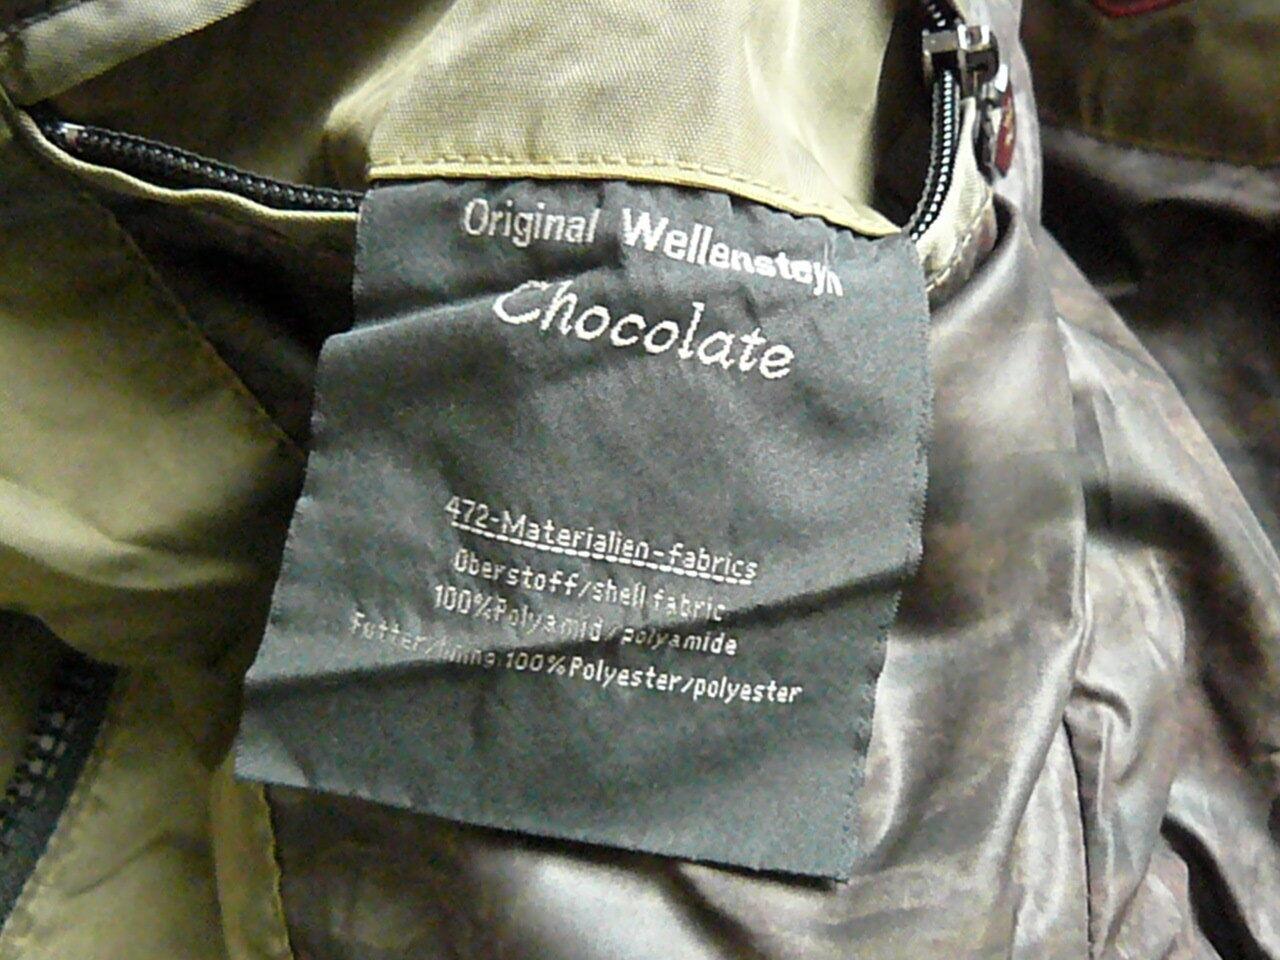 WELLENSTEYN NEU Chocolate khaki khaki khaki  grün Gr. Smit Kapuze   | Ermäßigung  | Verschiedene Stile und Stile  | Erste Qualität  | Guter weltweiter Ruf  | Viele Sorten  c3d024